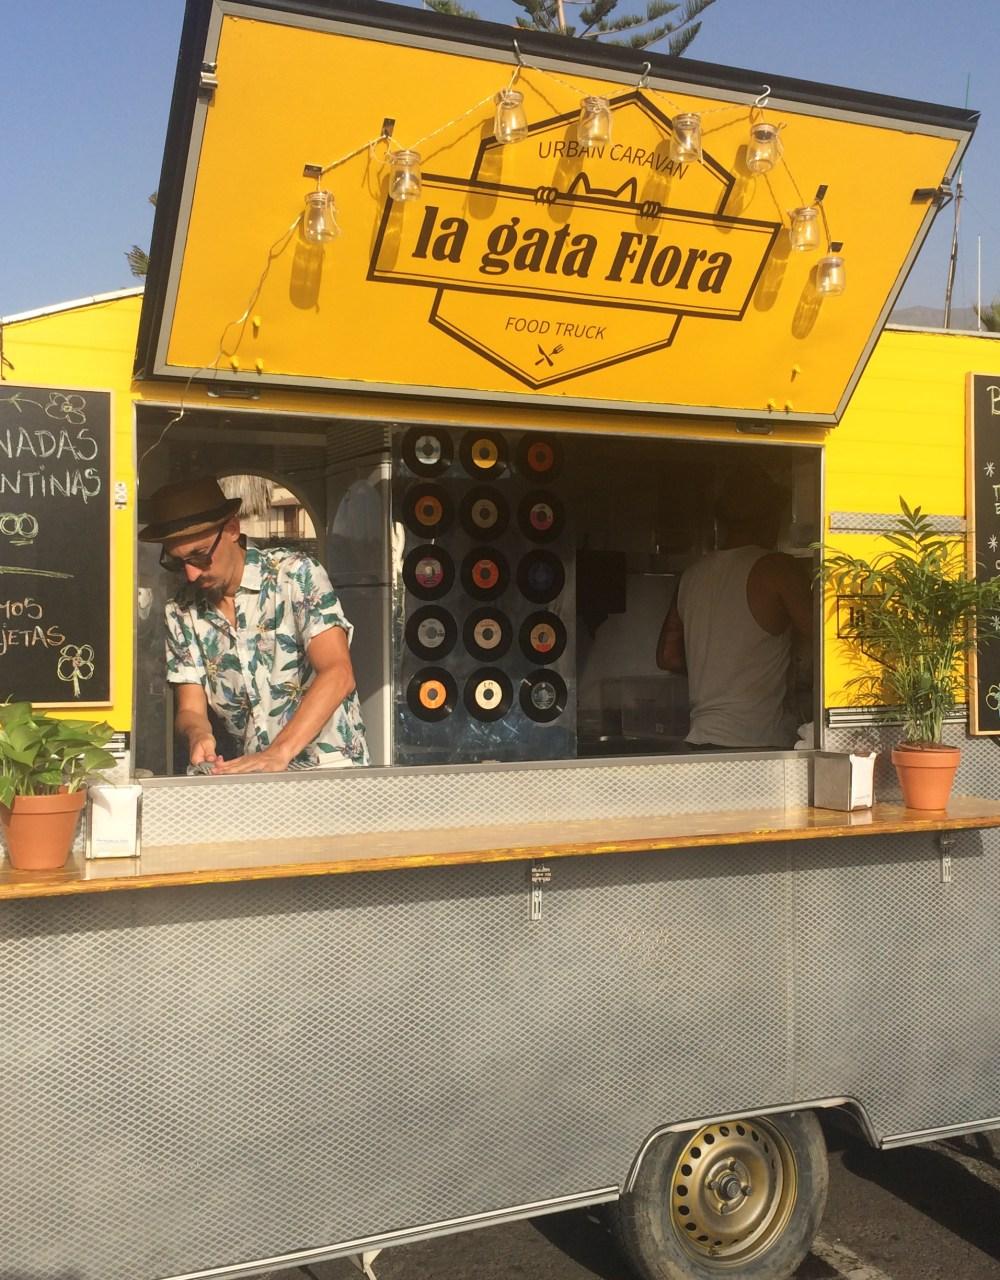 La Gata Flora Foodtruck